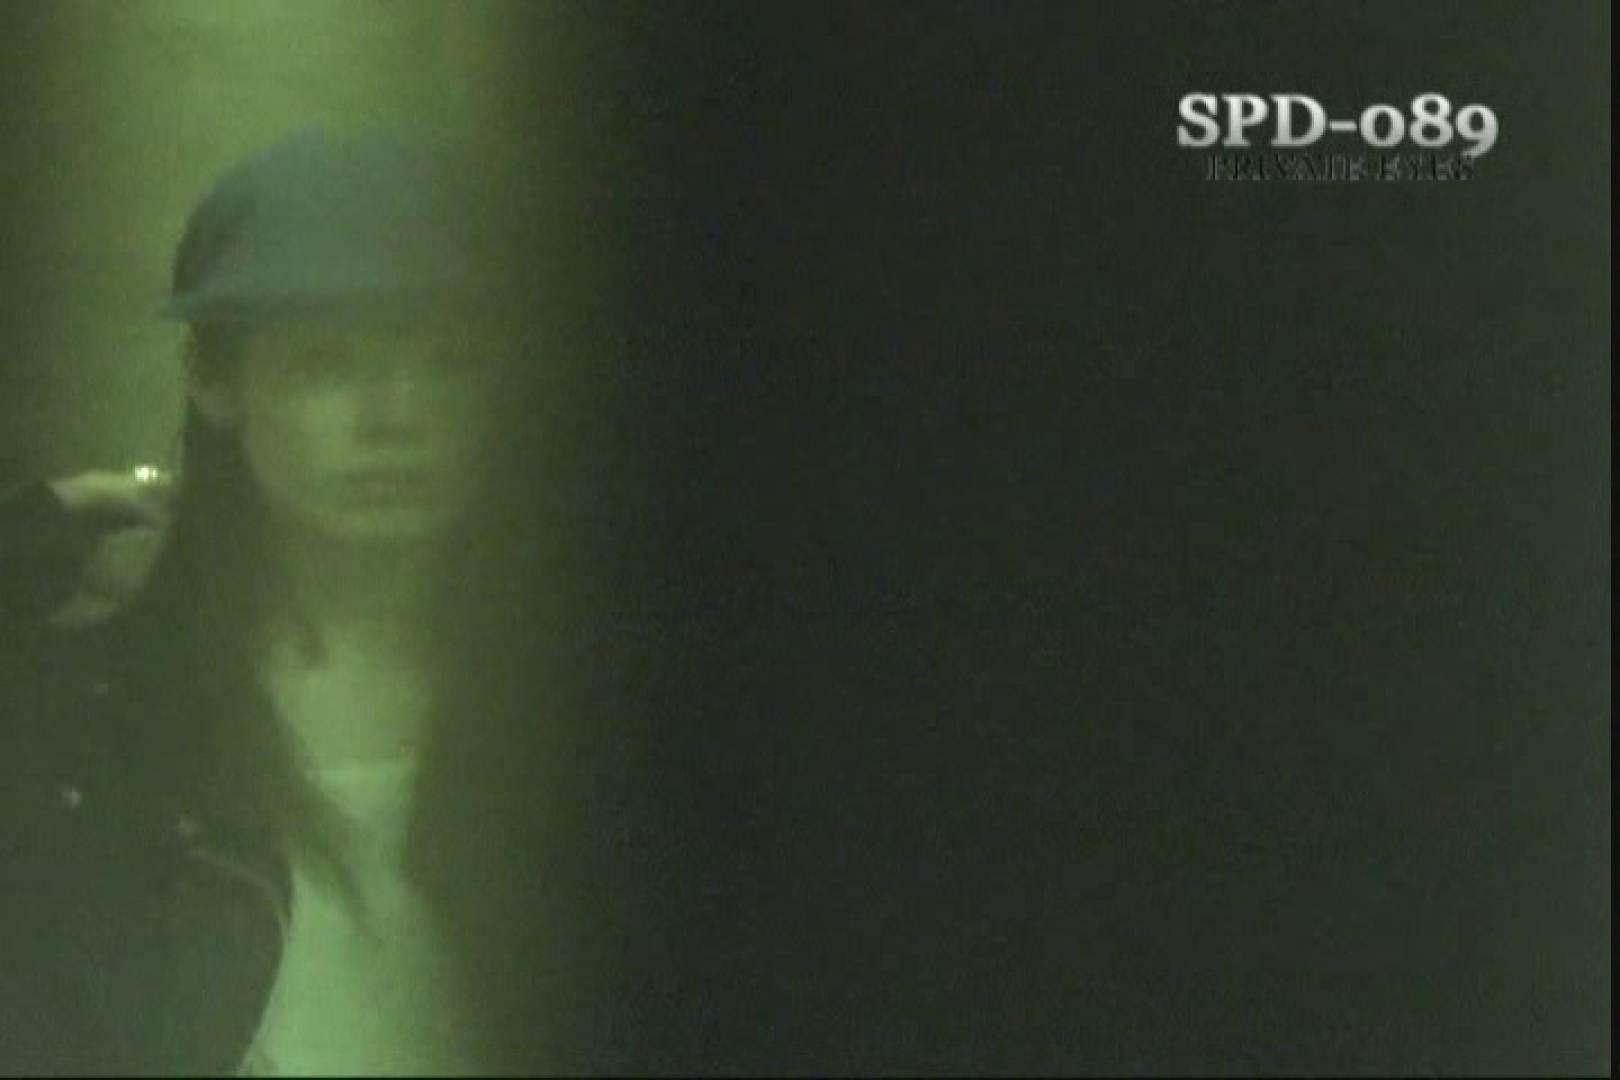 高画質版!SPD-089 厠の隙間 4 厠 のぞきエロ無料画像 54連発 38